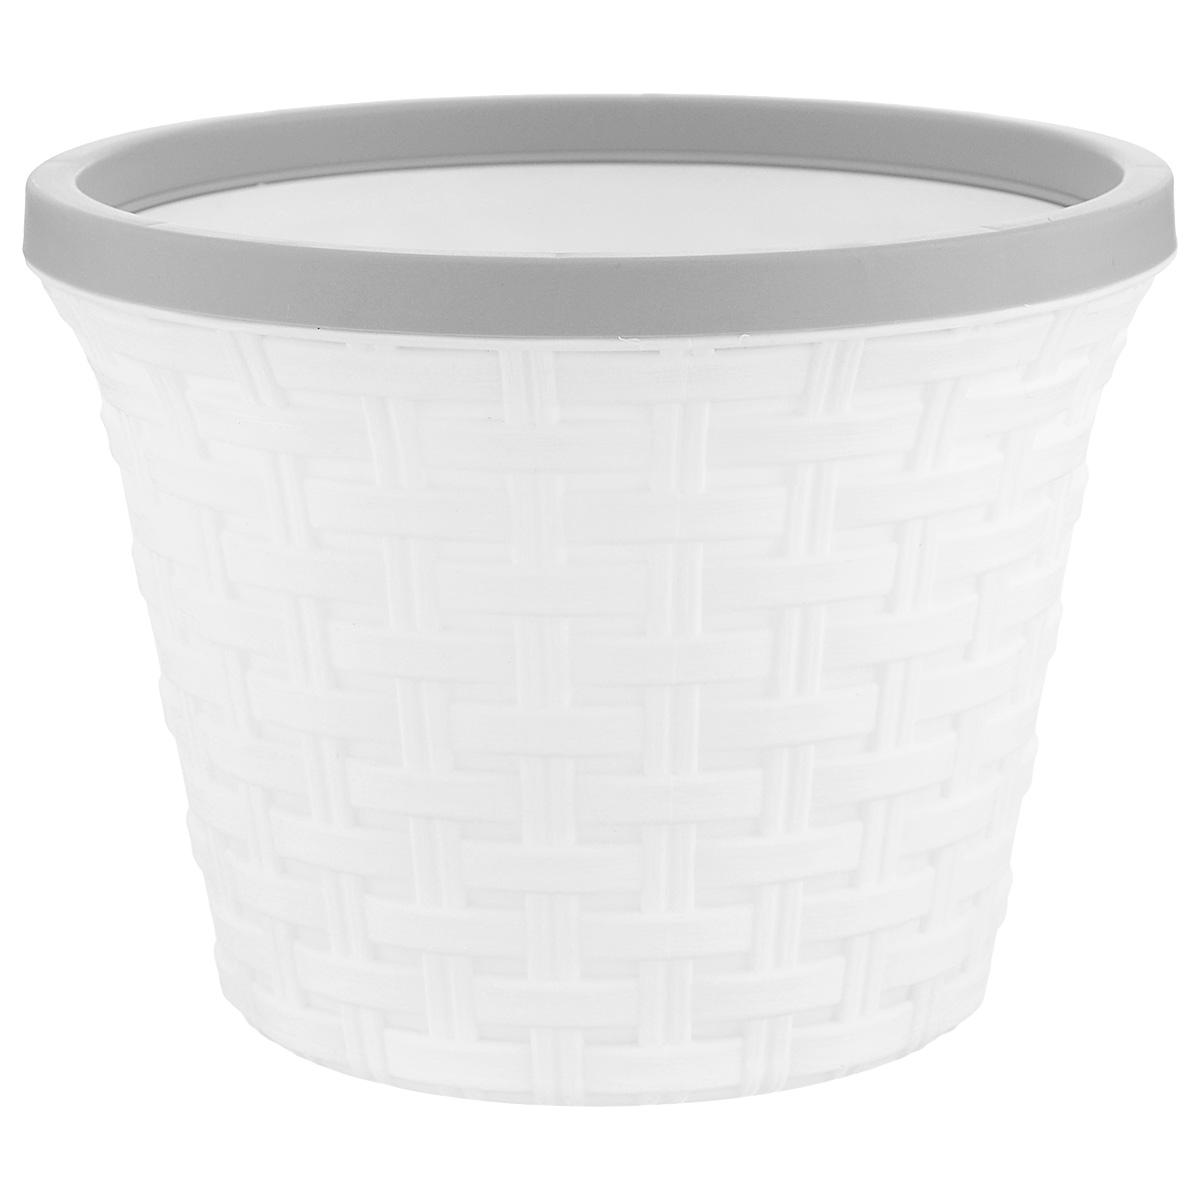 Кашпо Violet Ротанг, с дренажной системой, цвет: белый, 2,2 л810608Кашпо Violet Ротанг изготовлено из высококачественного пластика и оснащено дренажной системой для быстрого отведения избытка воды при поливе. Изделие прекрасно подходит для выращивания растений и цветов в домашних условиях. Лаконичный дизайн впишется в интерьер любого помещения.Объем: 2,2 л.